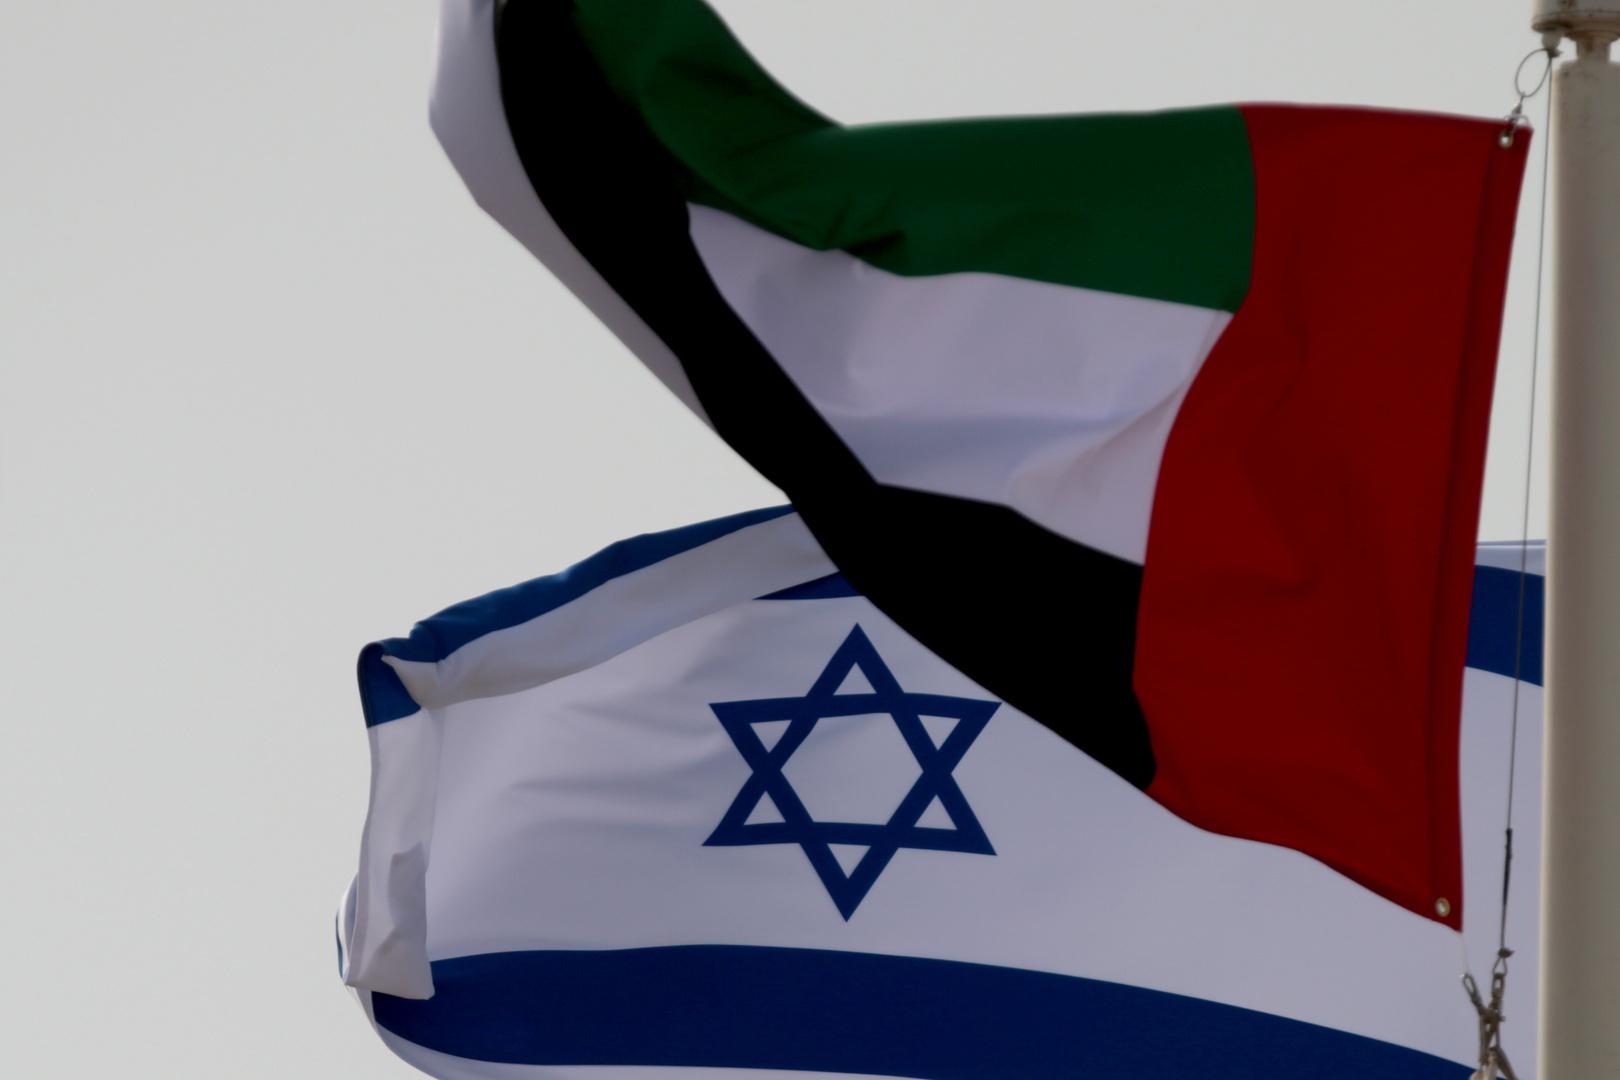 مجموعة بريد الإمارات تضيف دولة إسرائيل إلى شبكة عملياتها